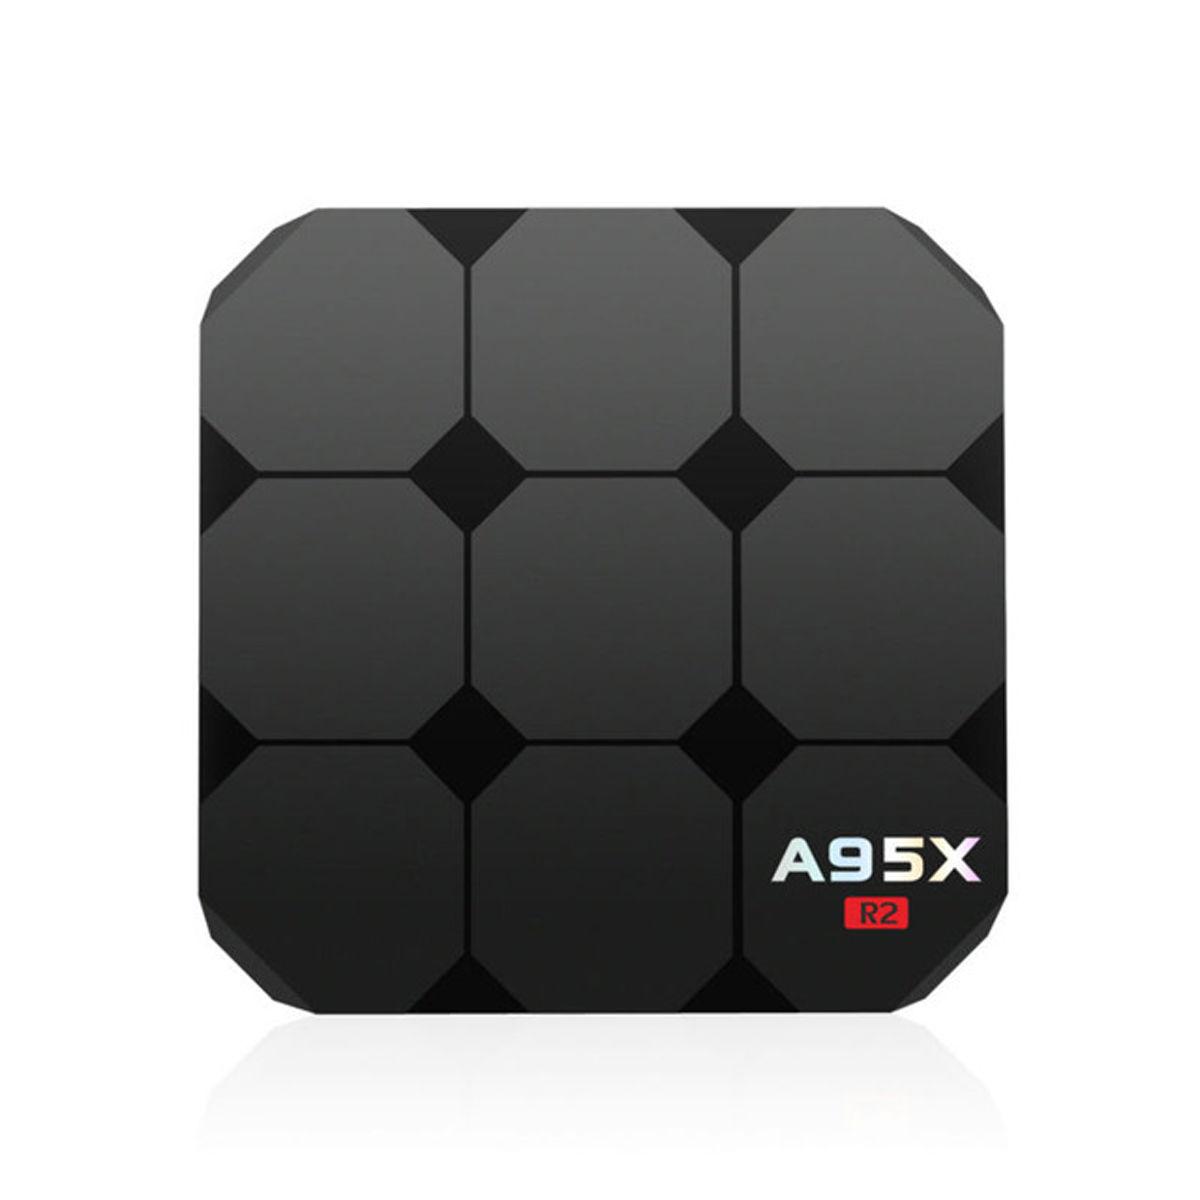 A95X R2 2GB 16GB Android 7.1 TV BOX S905W Quad Core UHD WiFi 4K Media Streaming